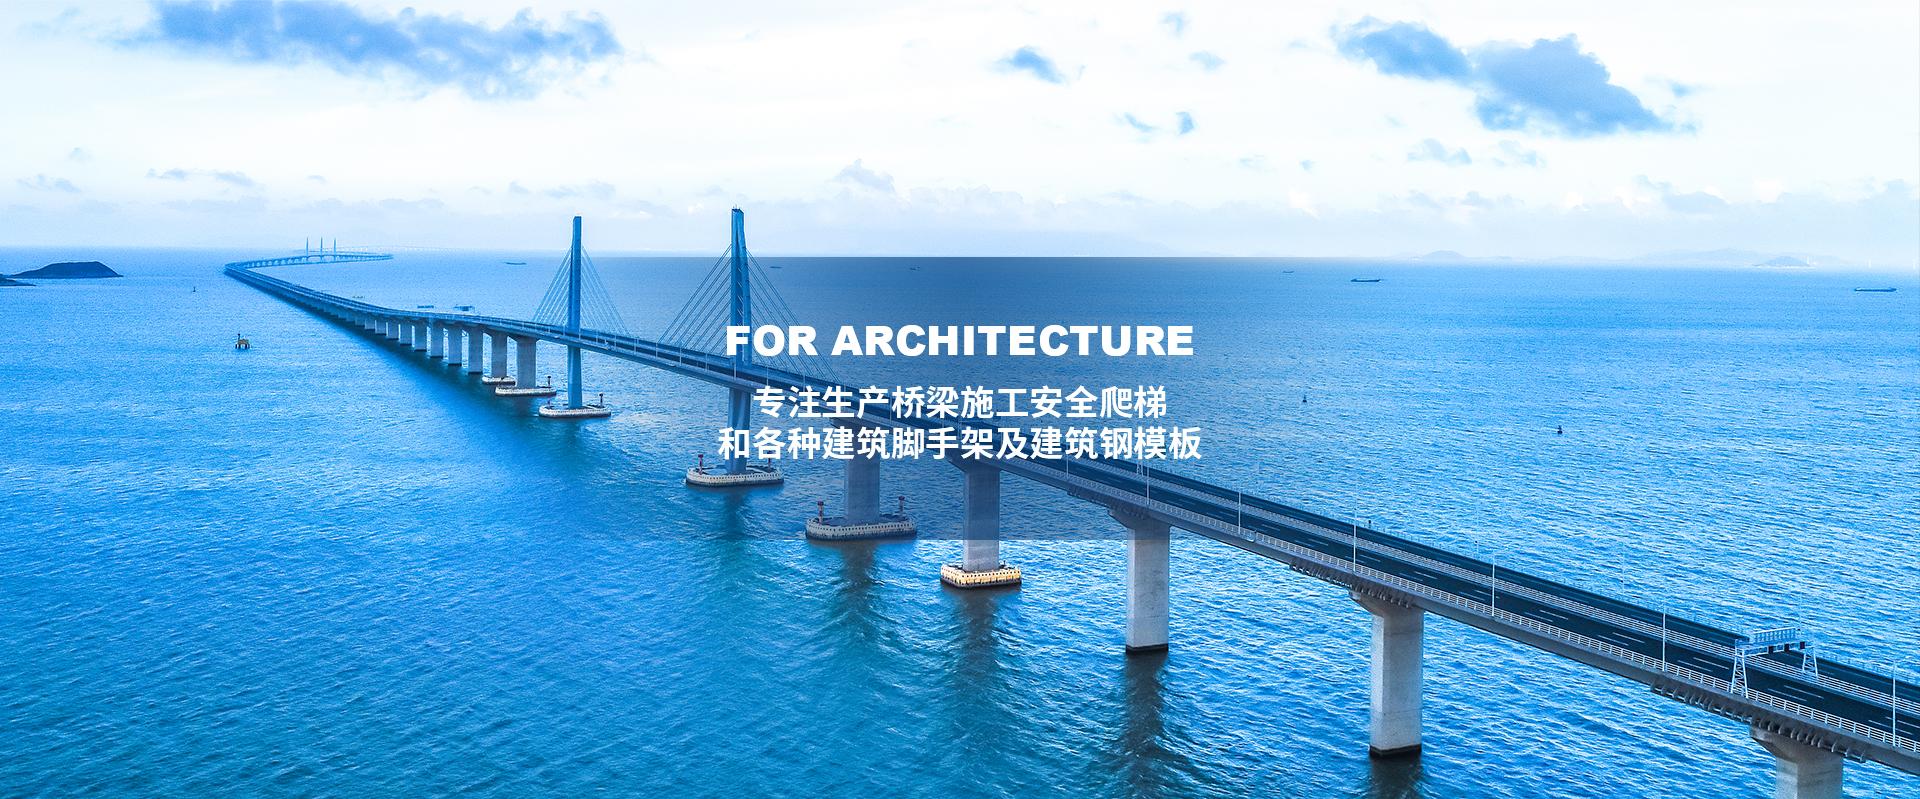 路桥钢模板